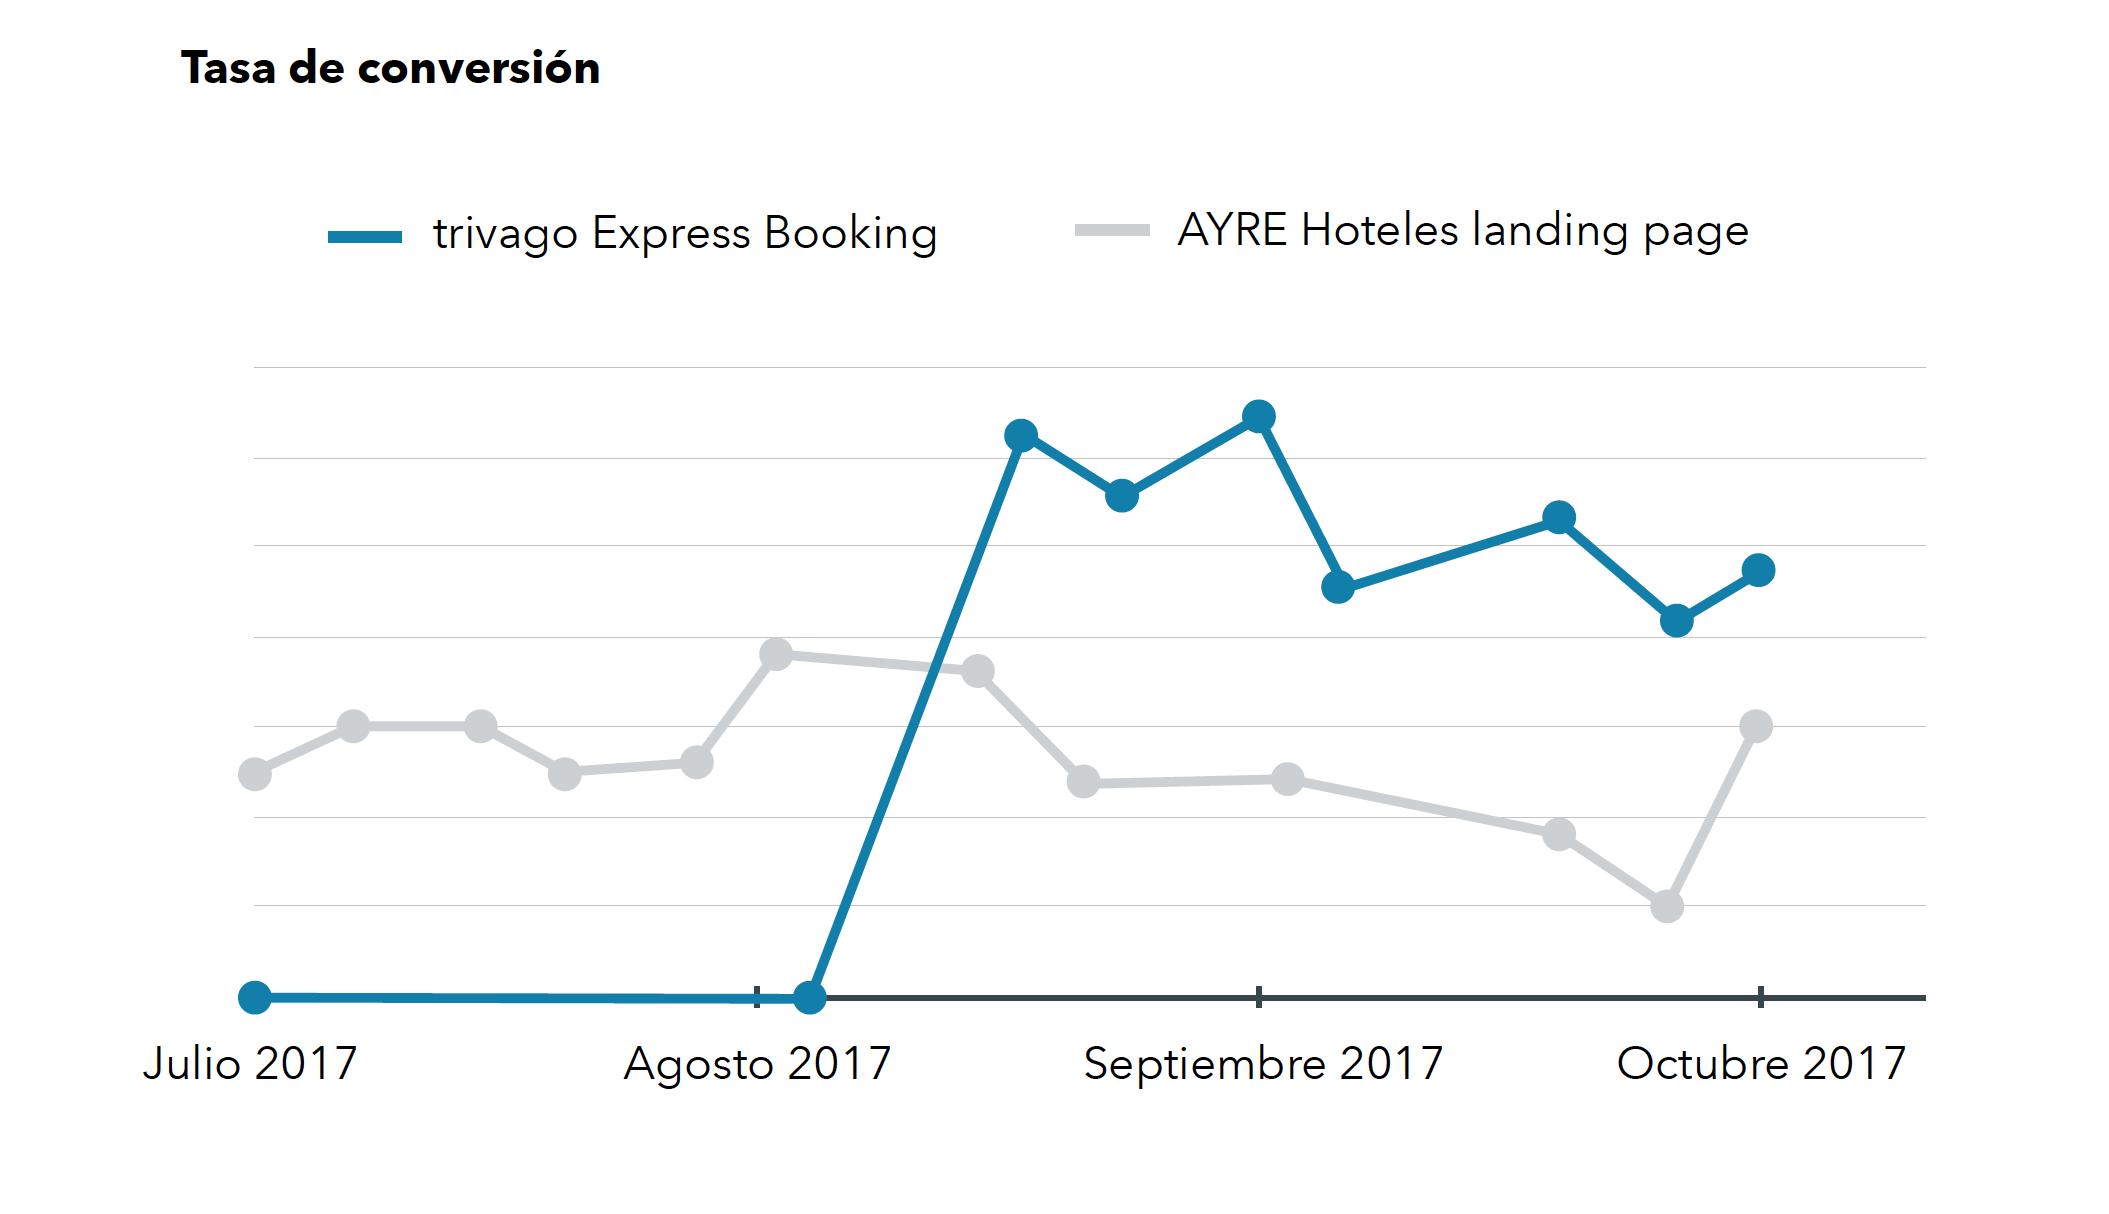 Un gráfico que muestra que la conversión en trivago Express Booking es mayor que en la landing page de AYRE.